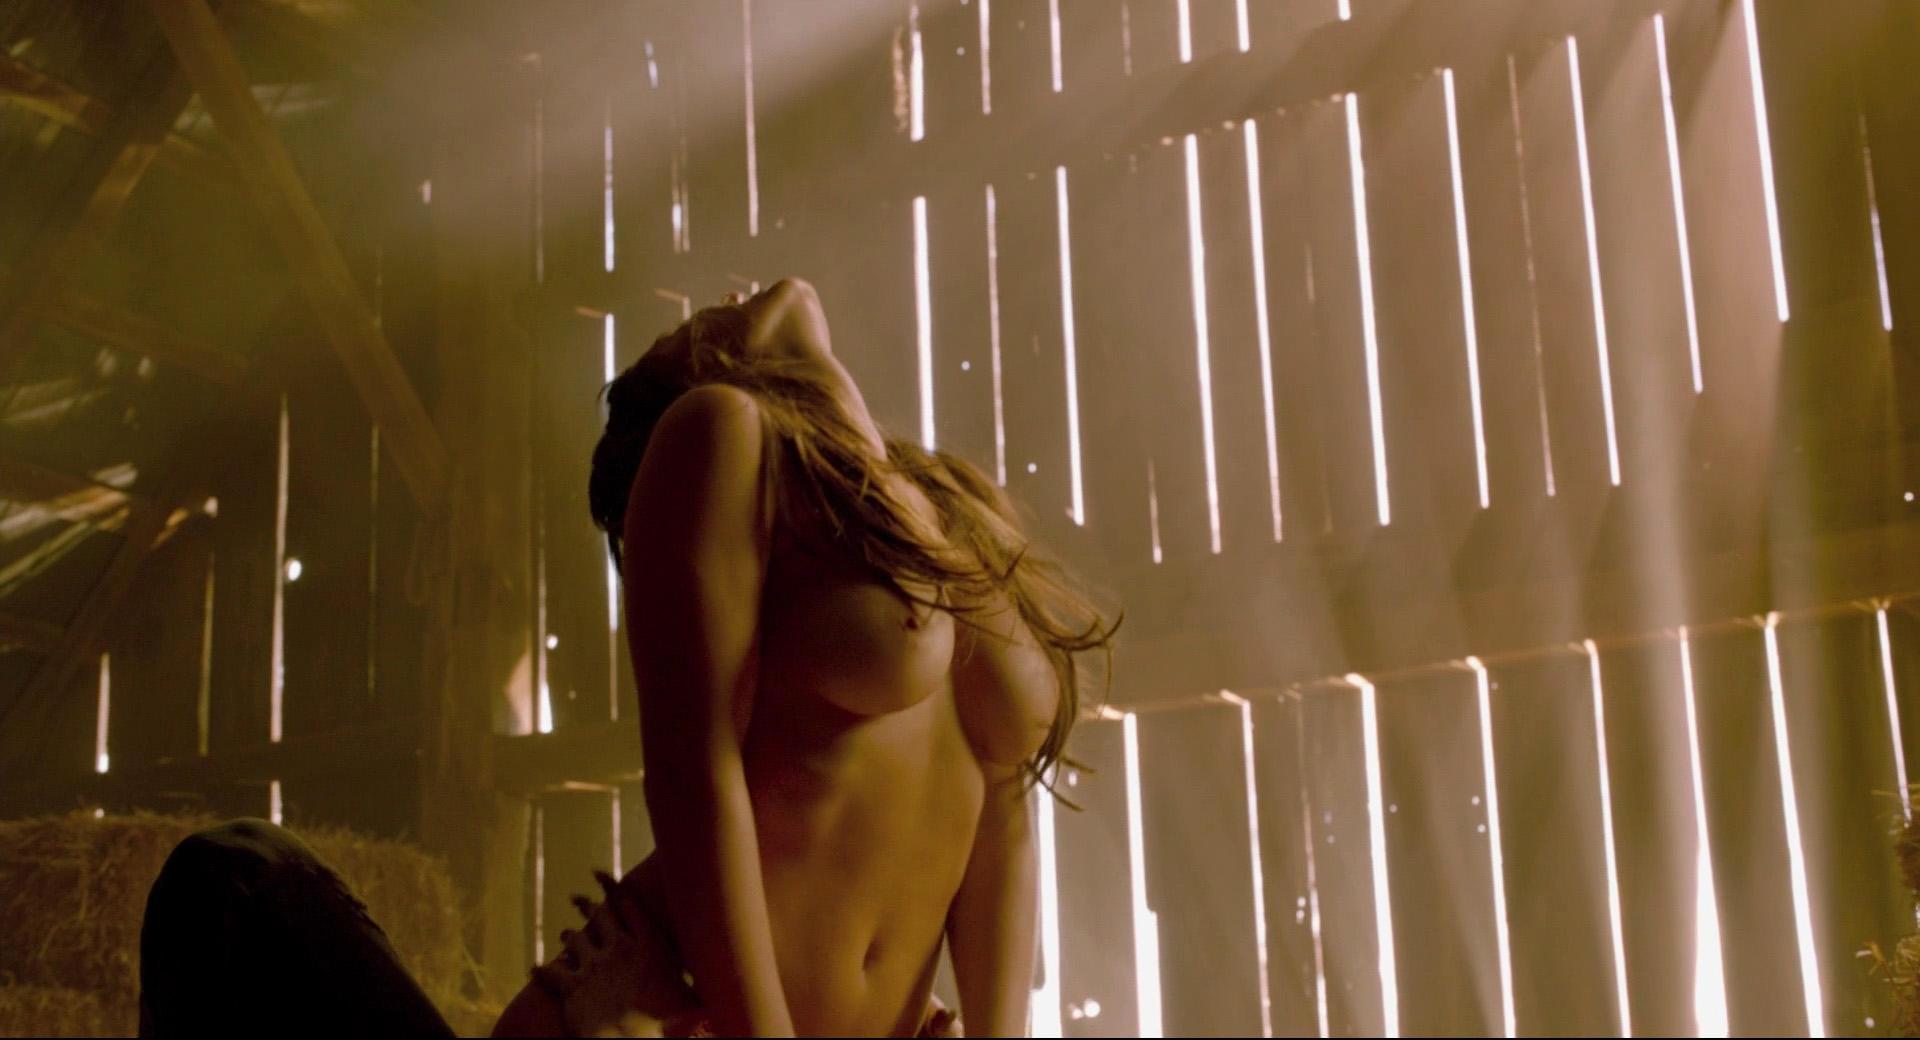 Watch in the cut sex scene